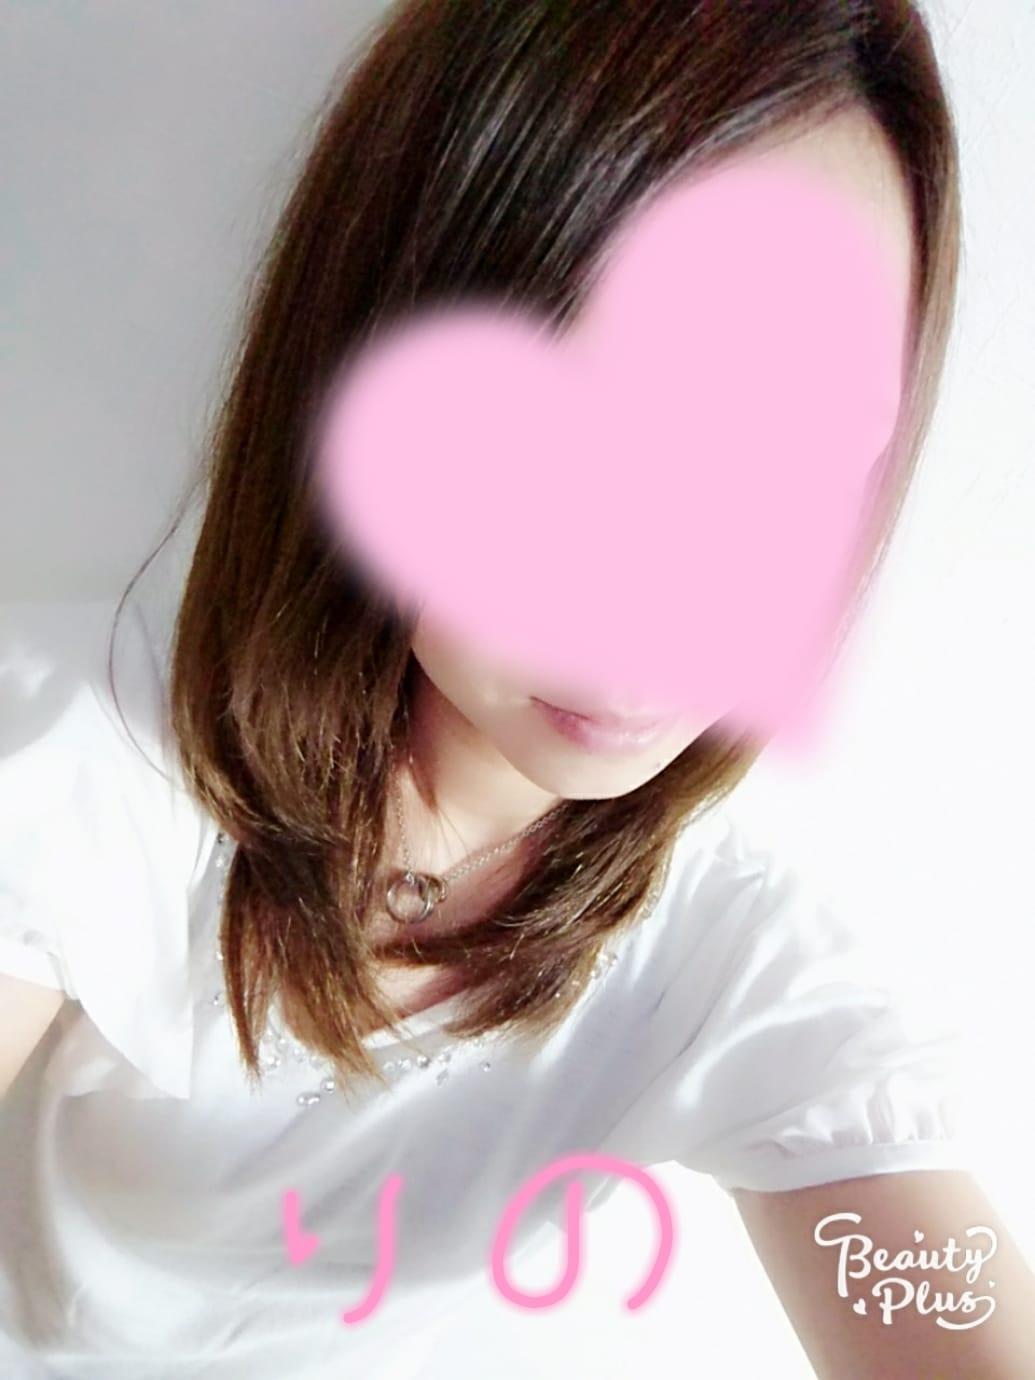 「おはよーっ」09/21(木) 10:32 | りのの写メ・風俗動画